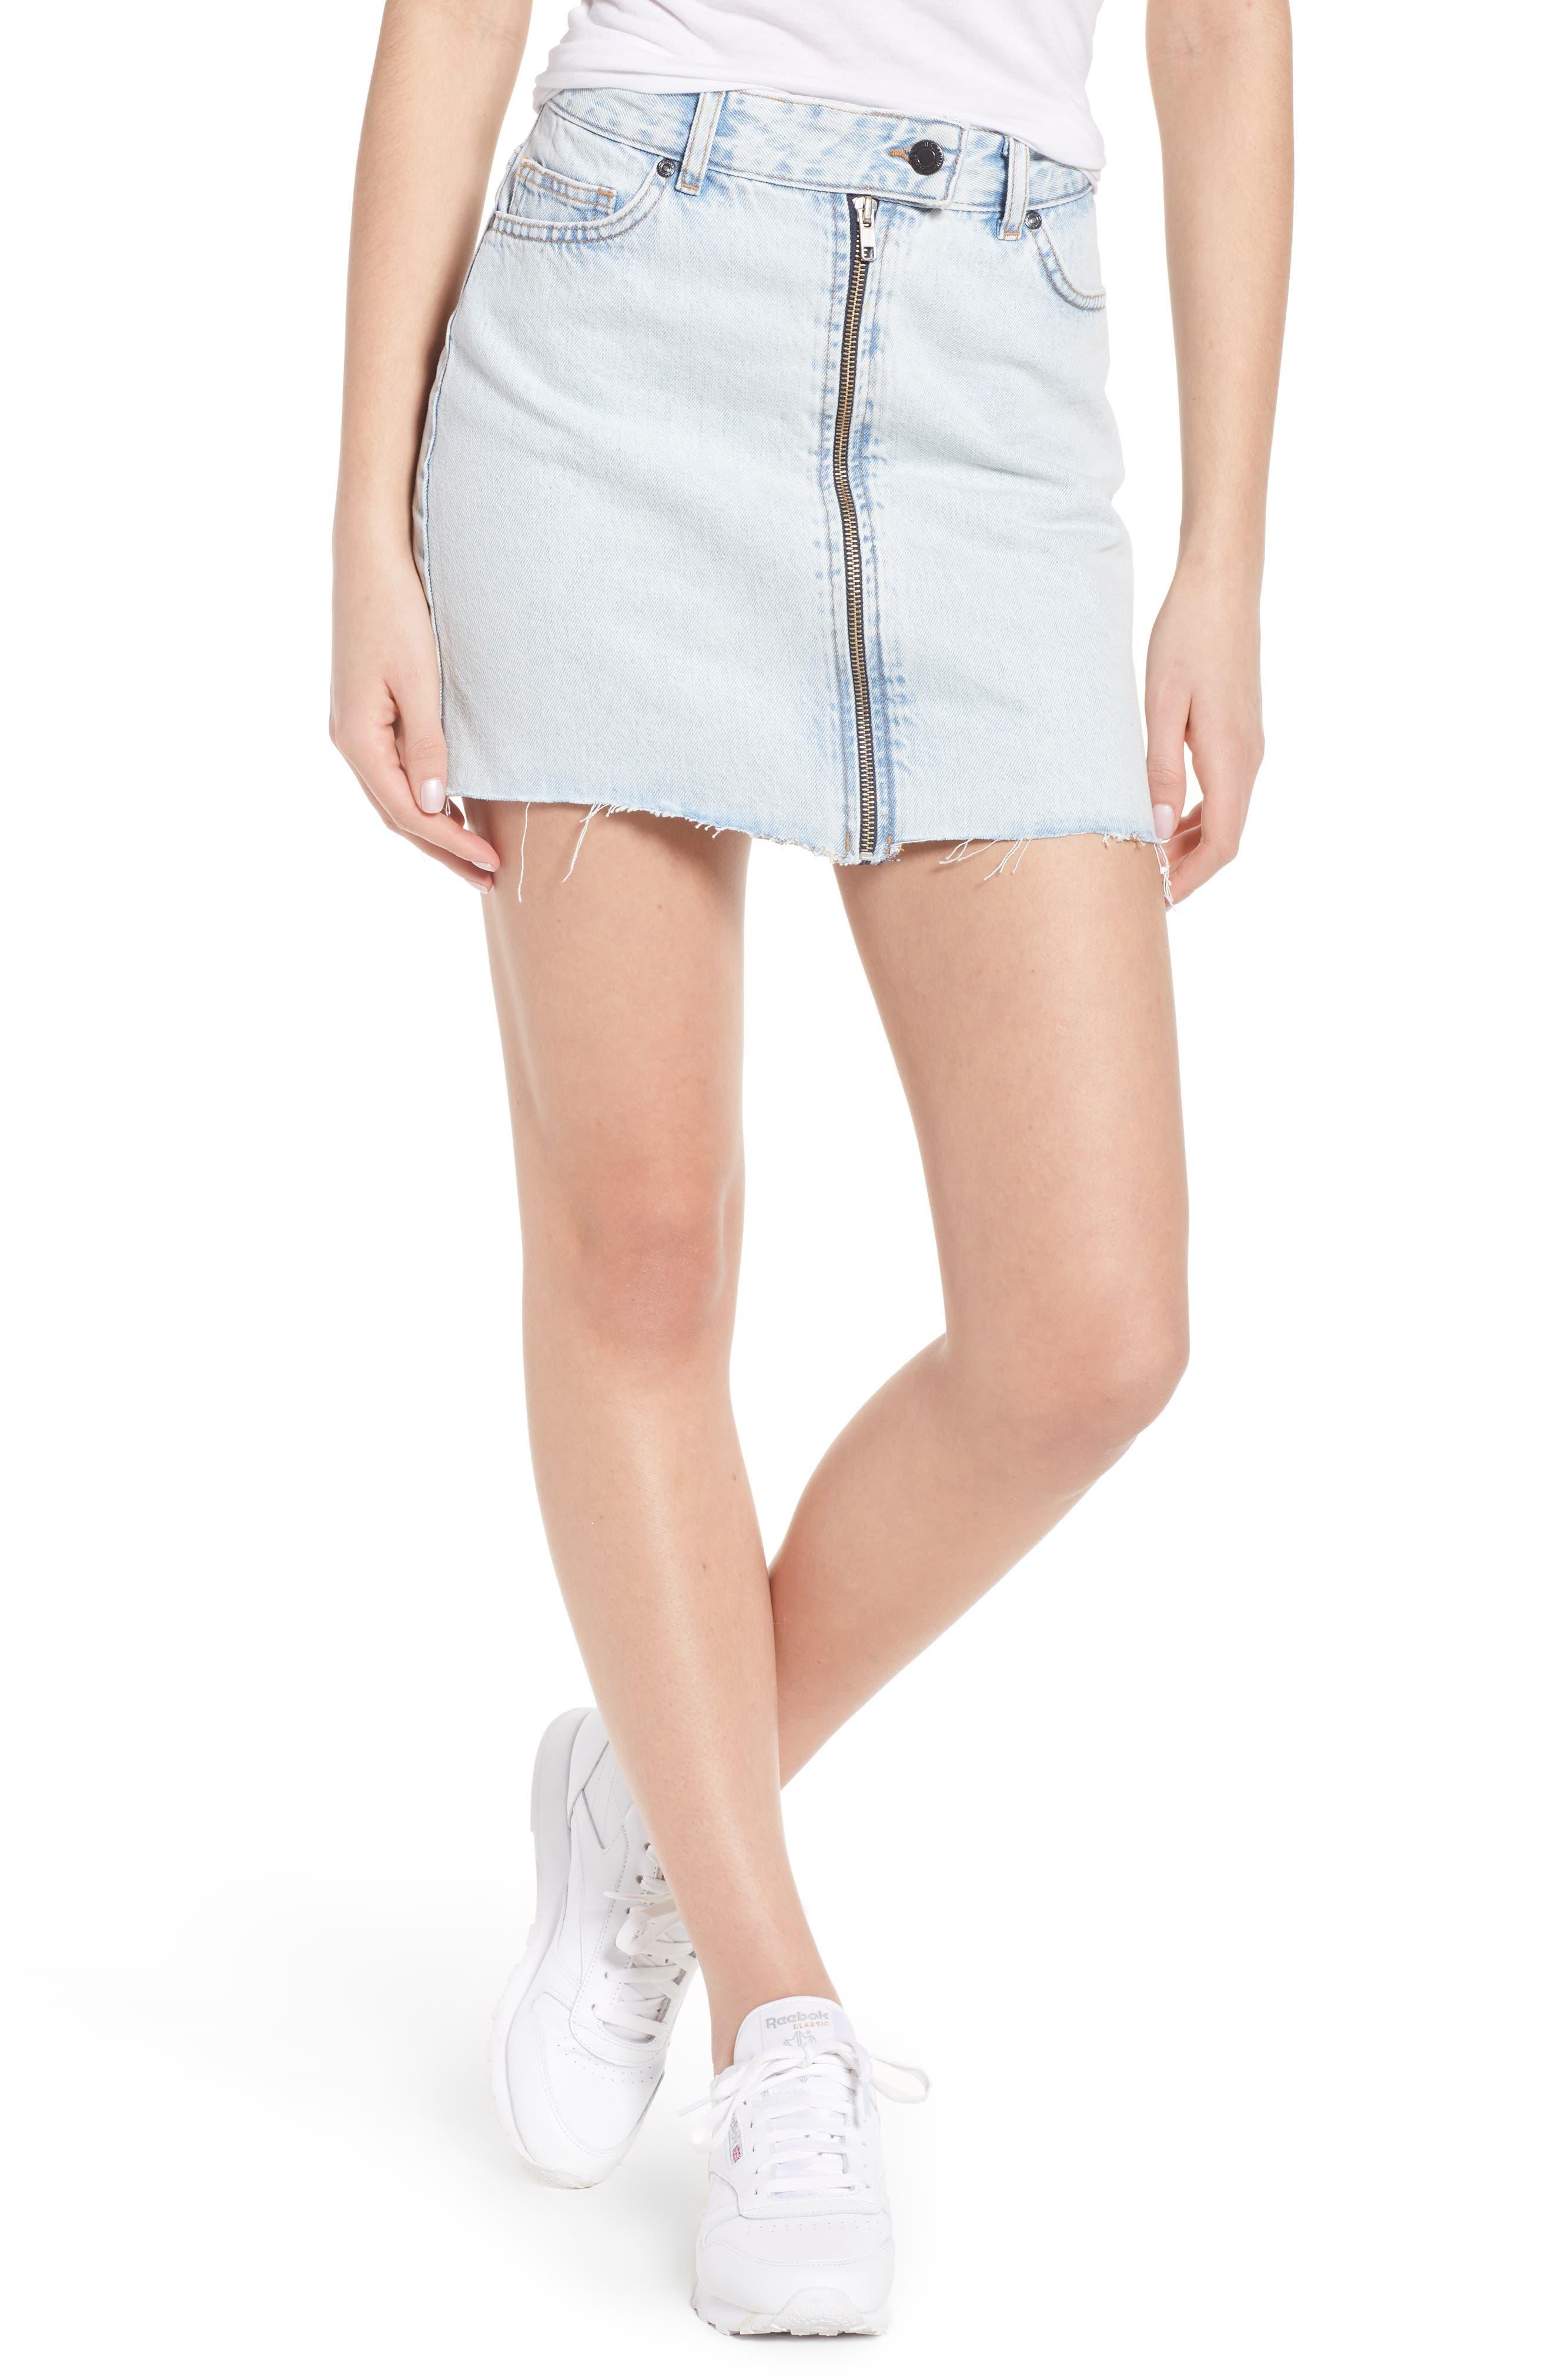 Dillon Denim Skirt,                         Main,                         color, Worn Superlight Blue